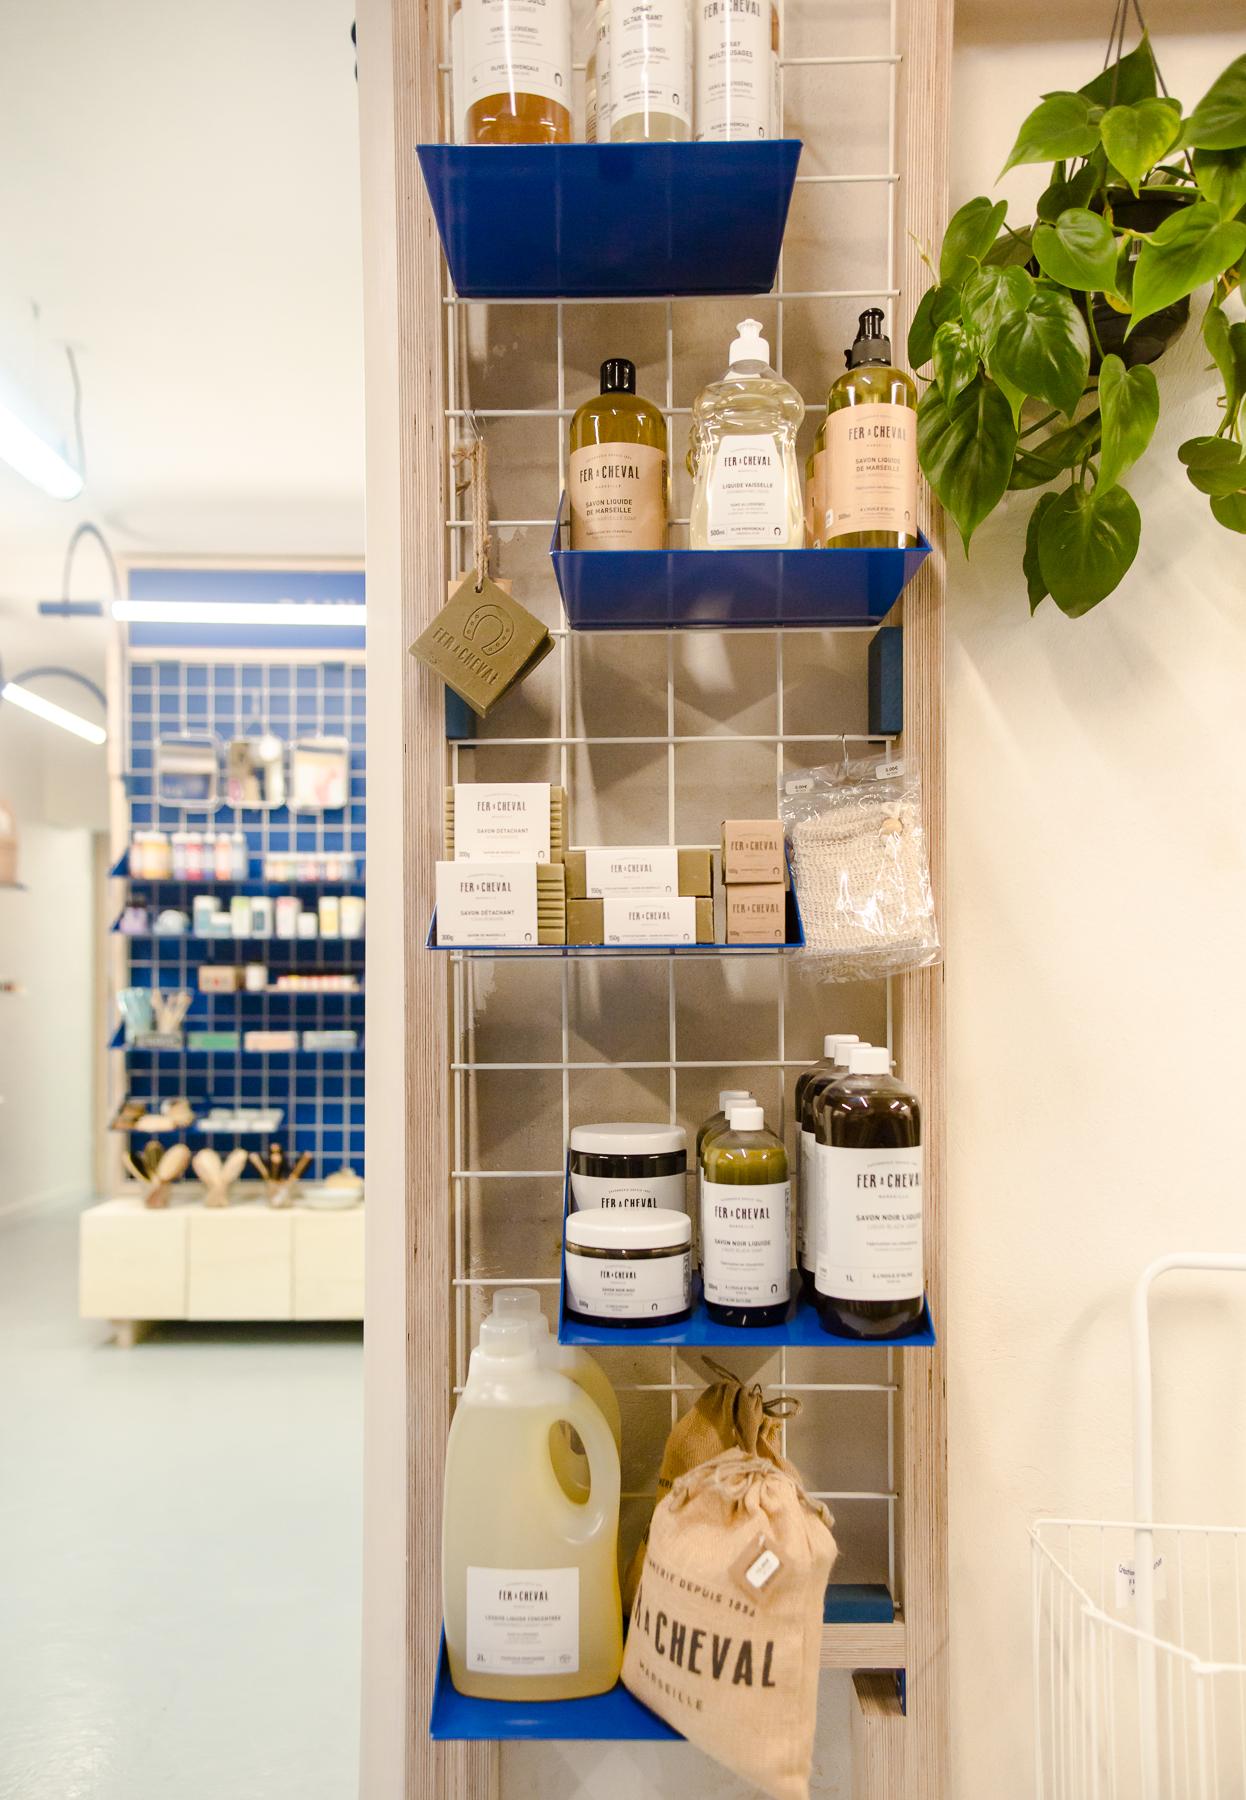 Détails droguerie, Design d'espace, présentoirs et étagères, design, identité coutume